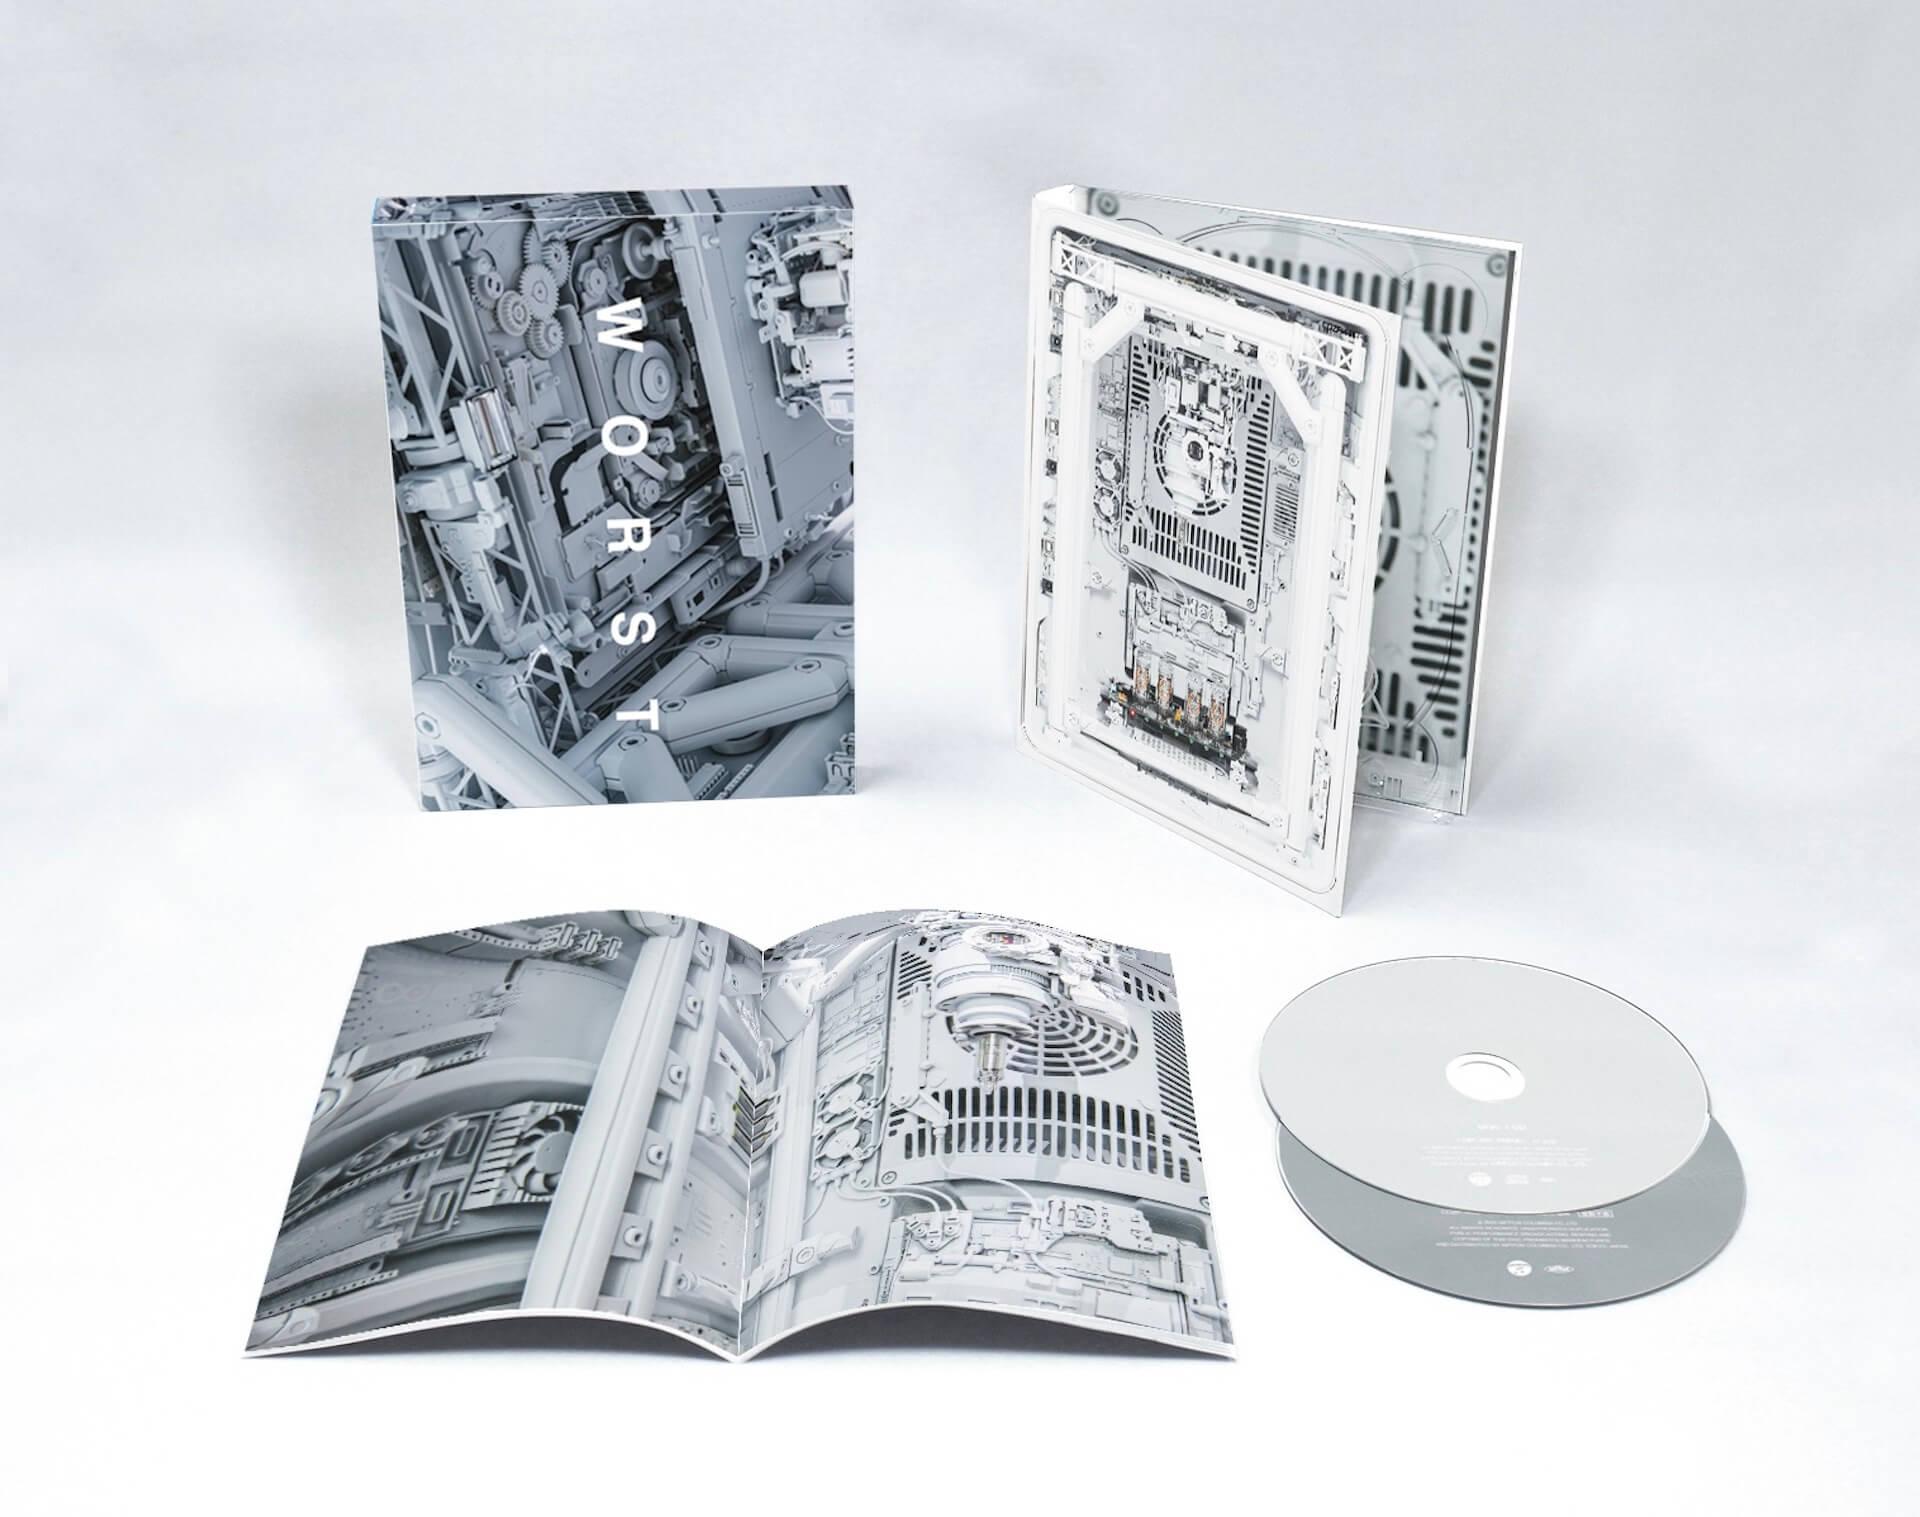 現在の活動から引退を発表したKOHHがニューアルバム『worst』を発表|引退表明した<KOHH Live in Concert>完全収録のコンプリートボックスも music200305_kohh_2